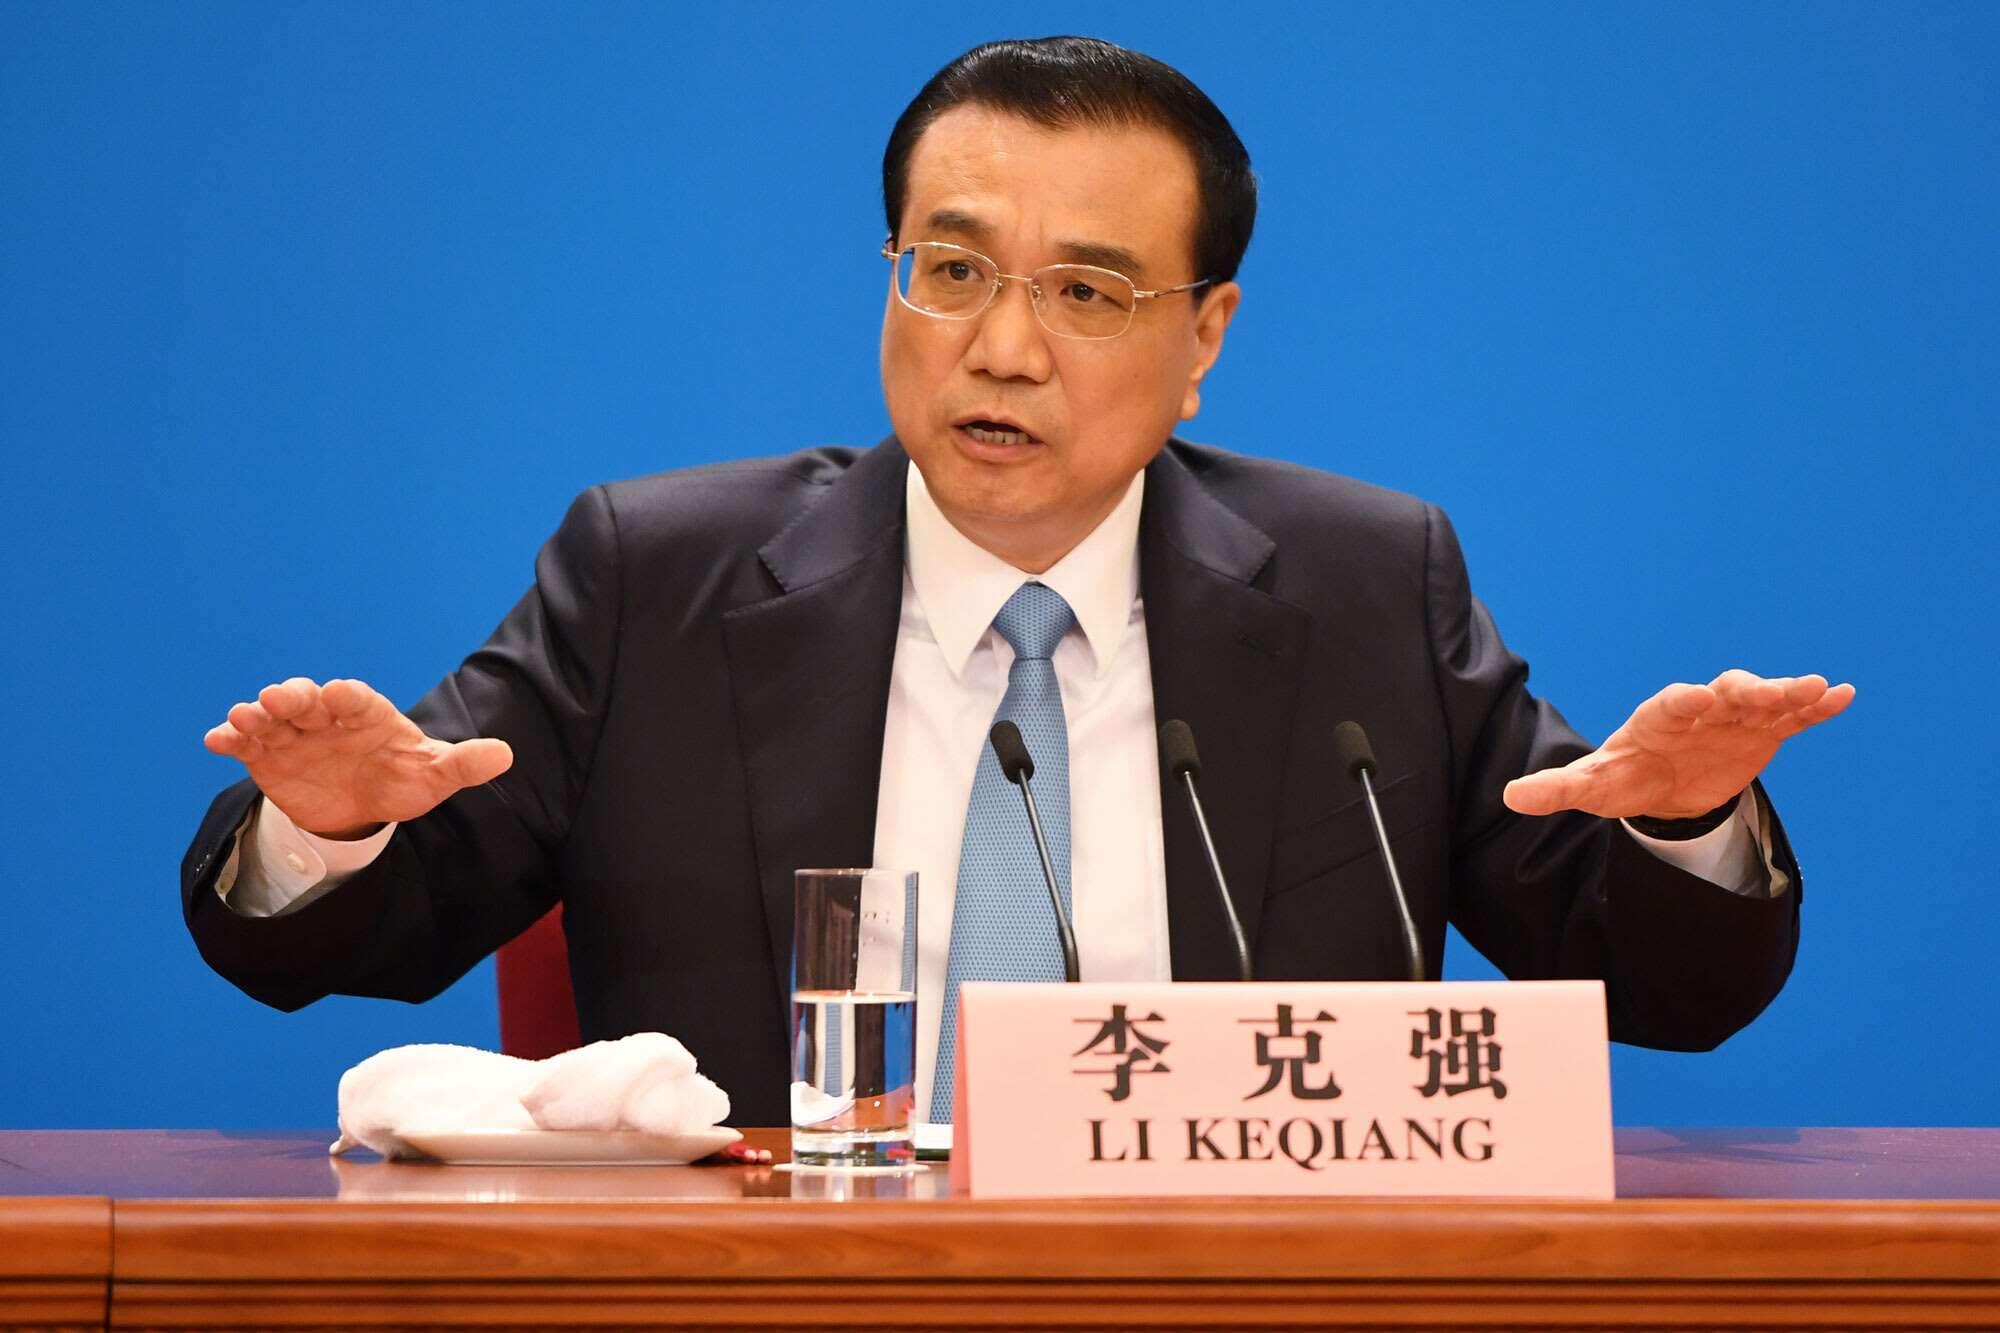 Li Keqiang (Premier ministre chinois) : ''L'argent investi au profit de la population pourra générer de nouvelles richesses'' (conférence de presse)